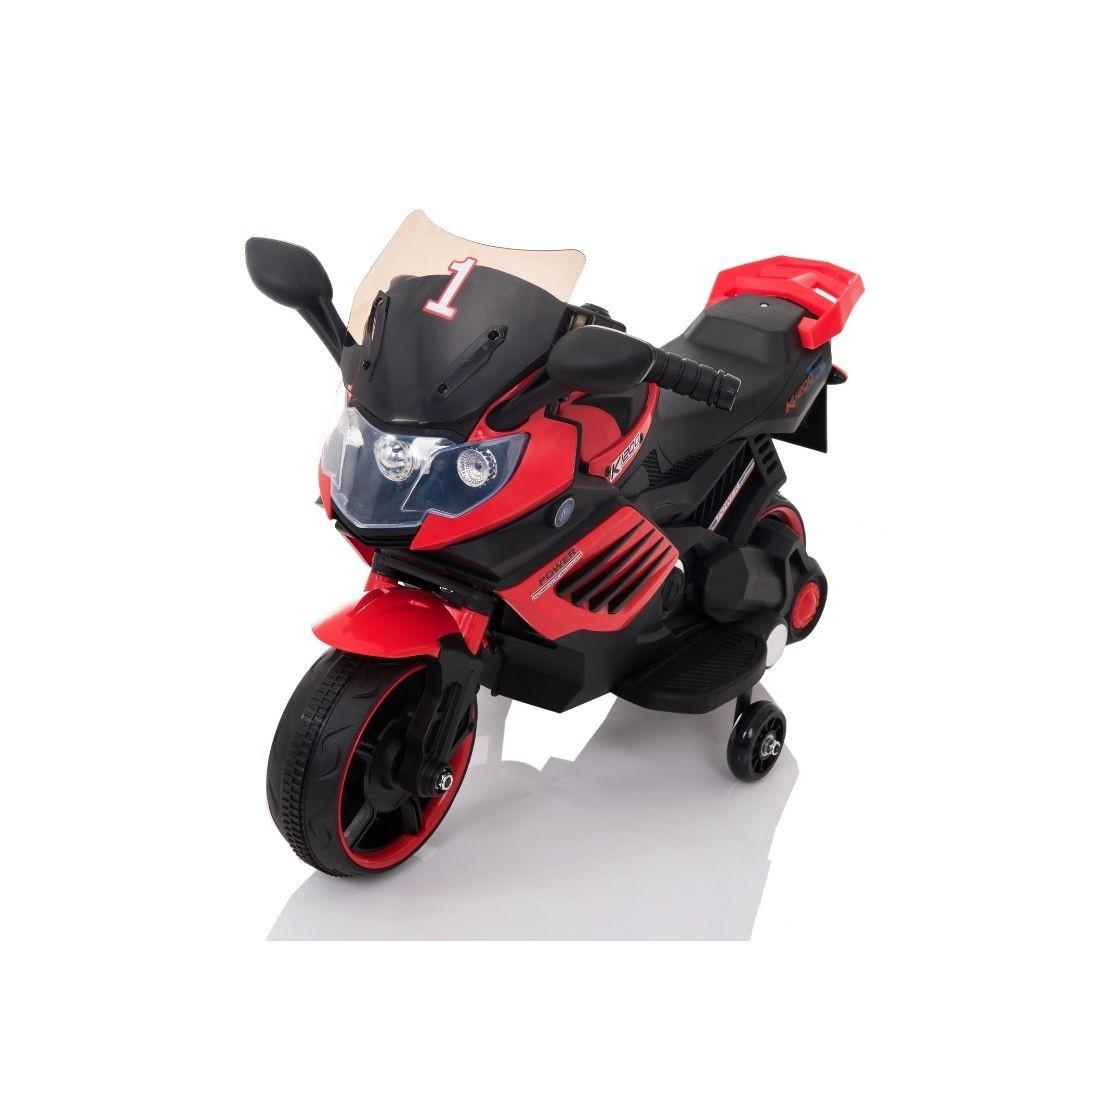 Mini Moto Elétrica Infantil Motorizado Brinquedo Criança